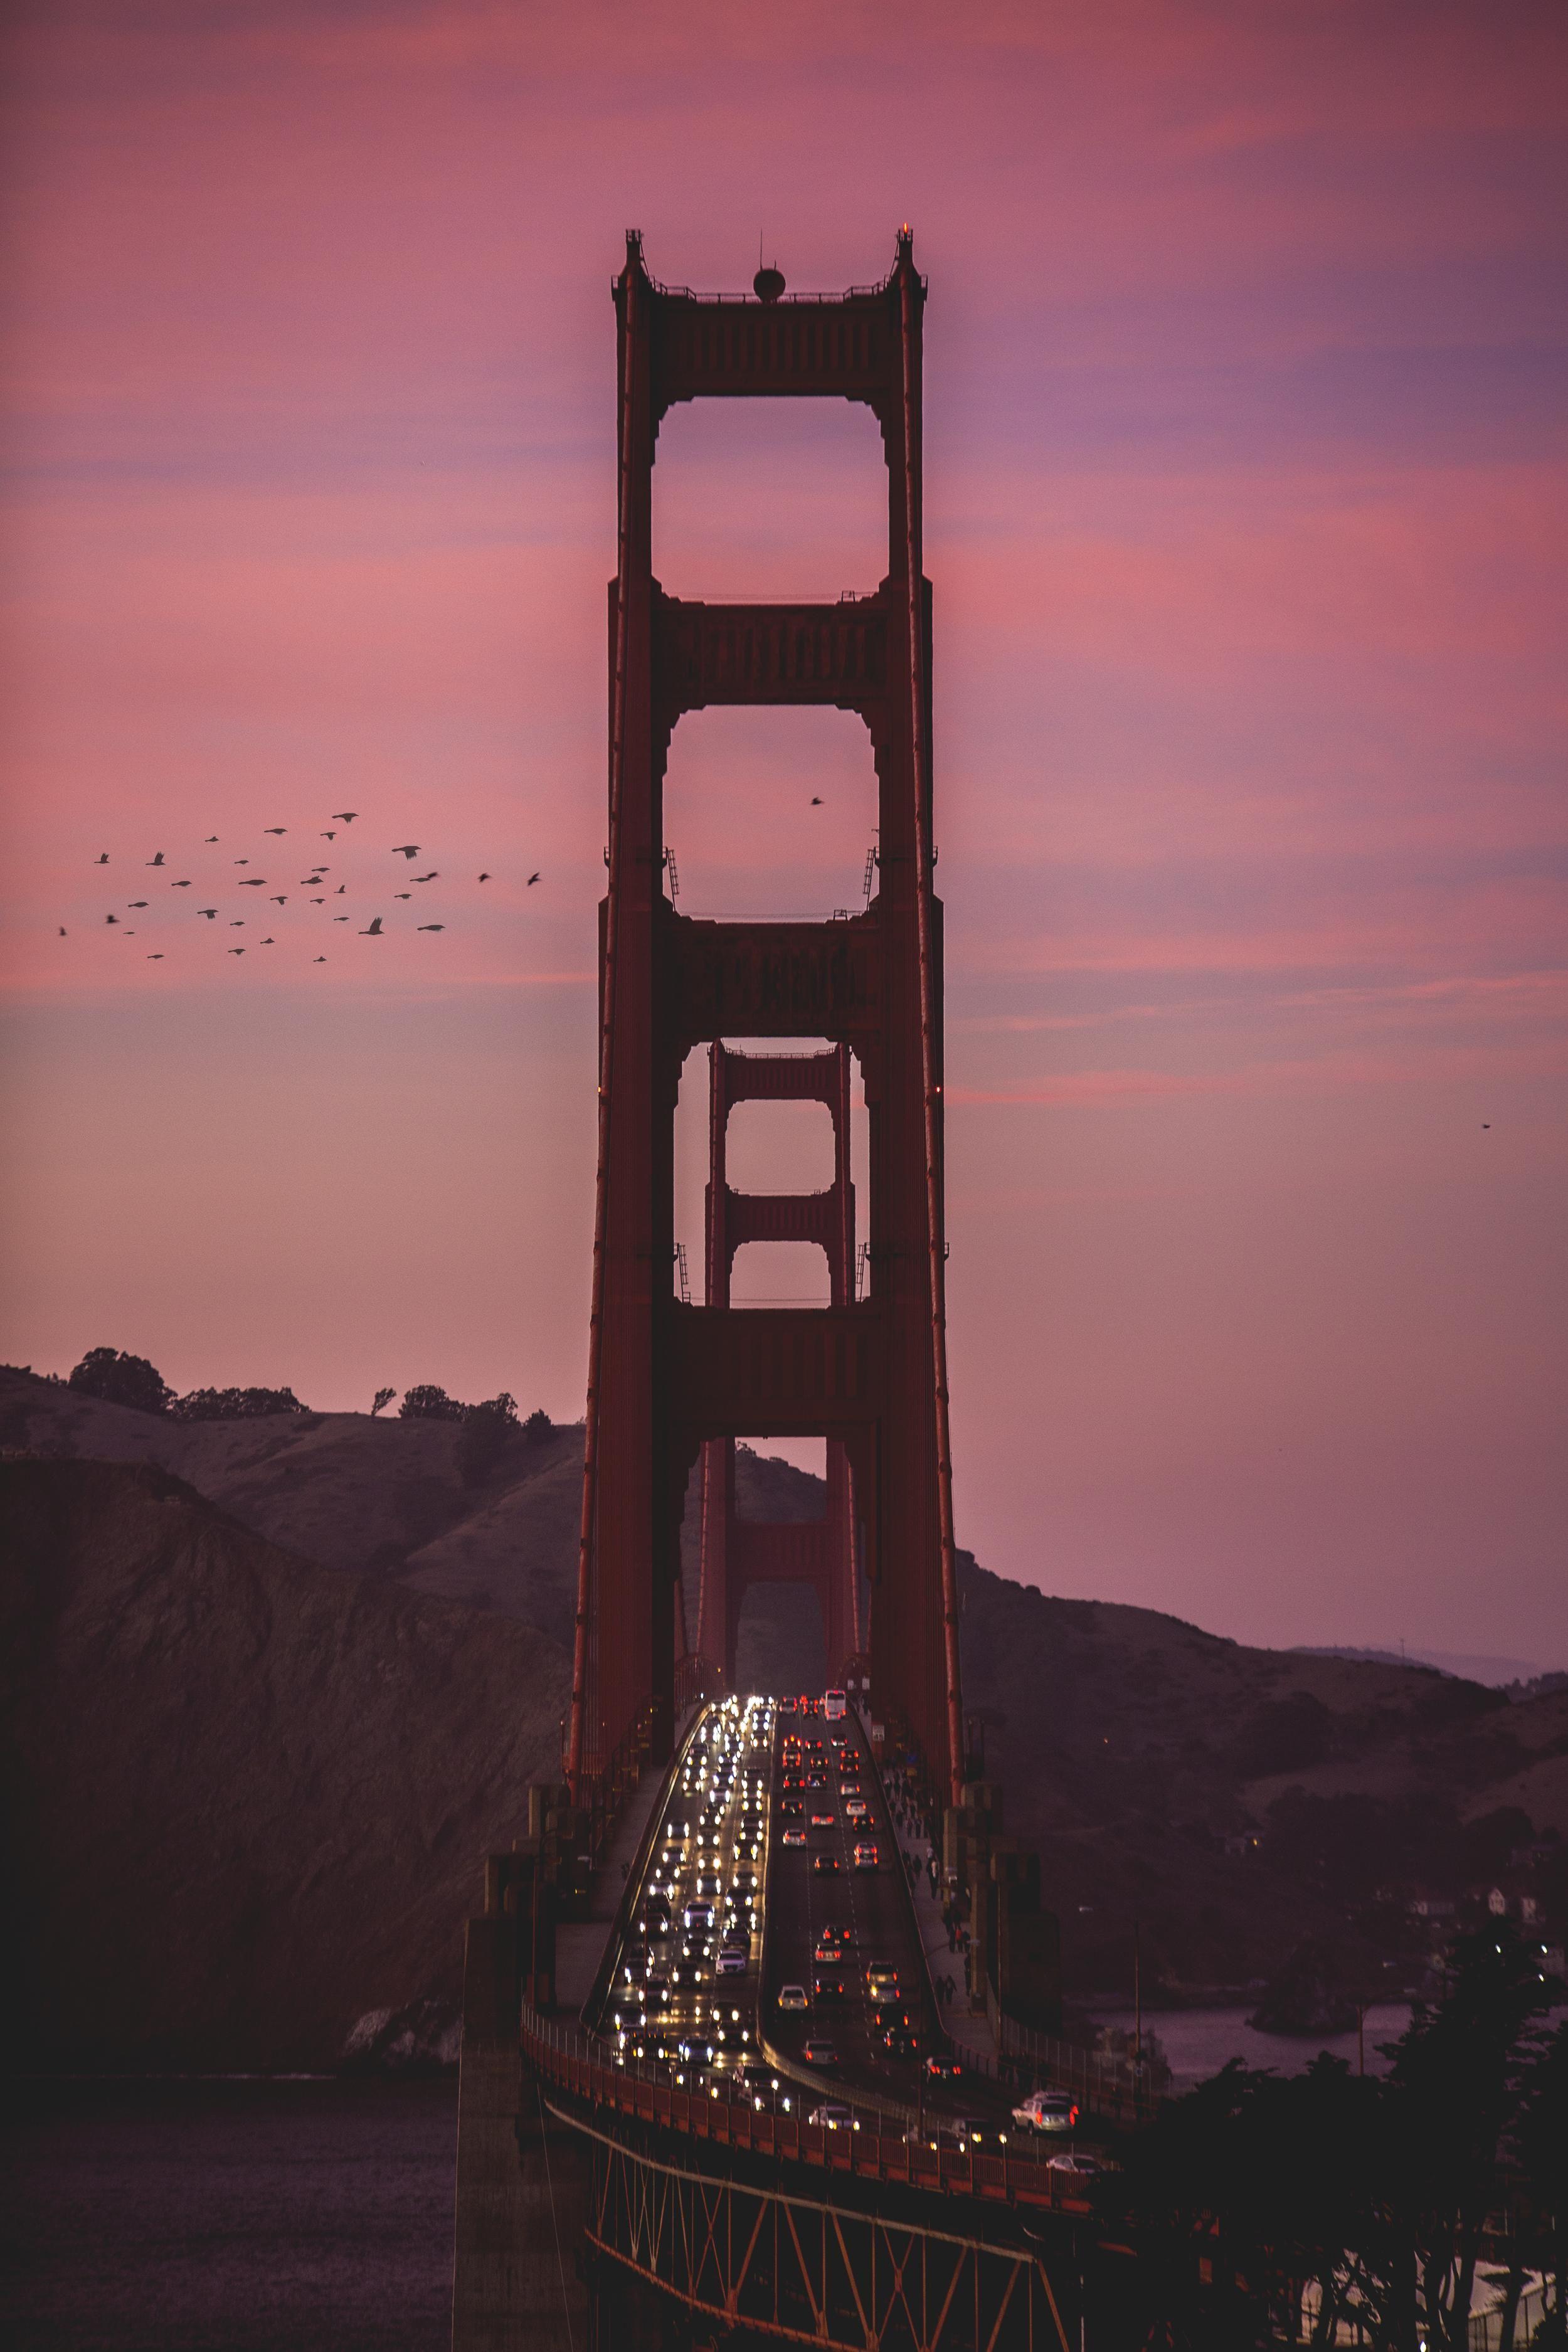 Golden Gate Under A Fire Sunset Bridge Wallpaper City Pictures Wallpaper Ig